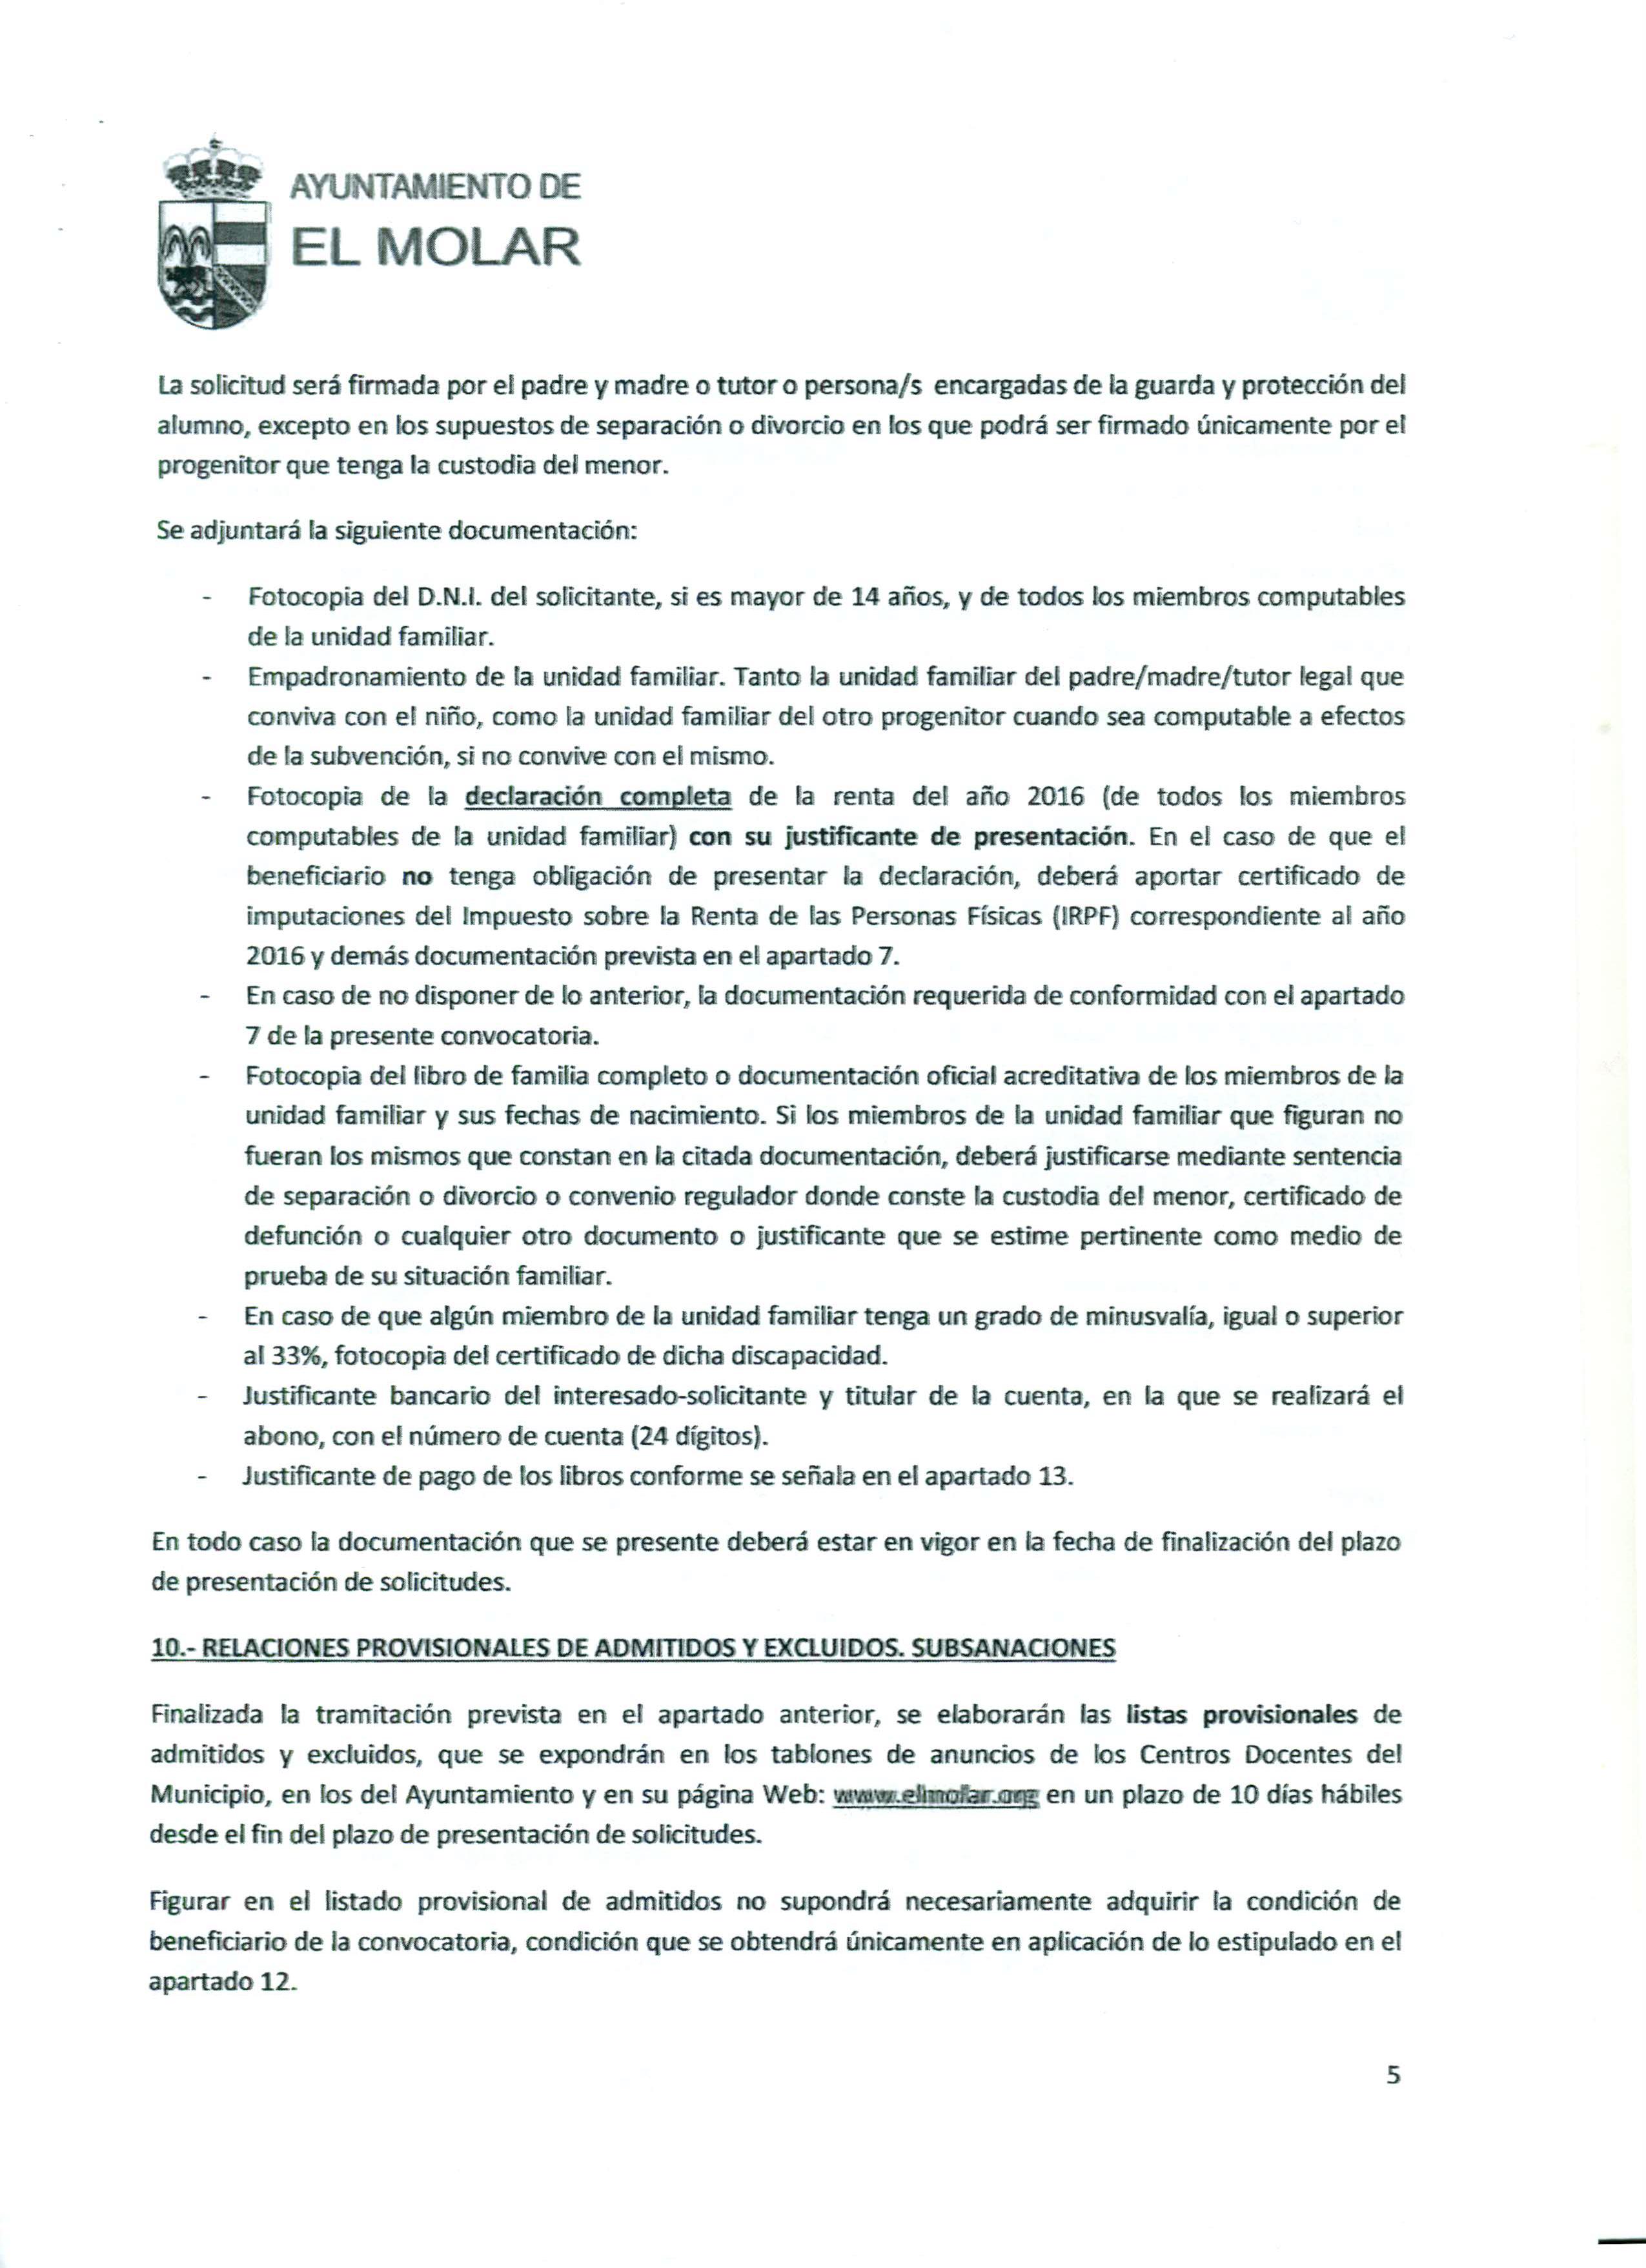 Convocatoria de ayudas económicas, que otorga la Concejalía de Educación del Ayuntamiento de El Molar, para la adquisición de libros de texto para el curso académico 2017-2018 3